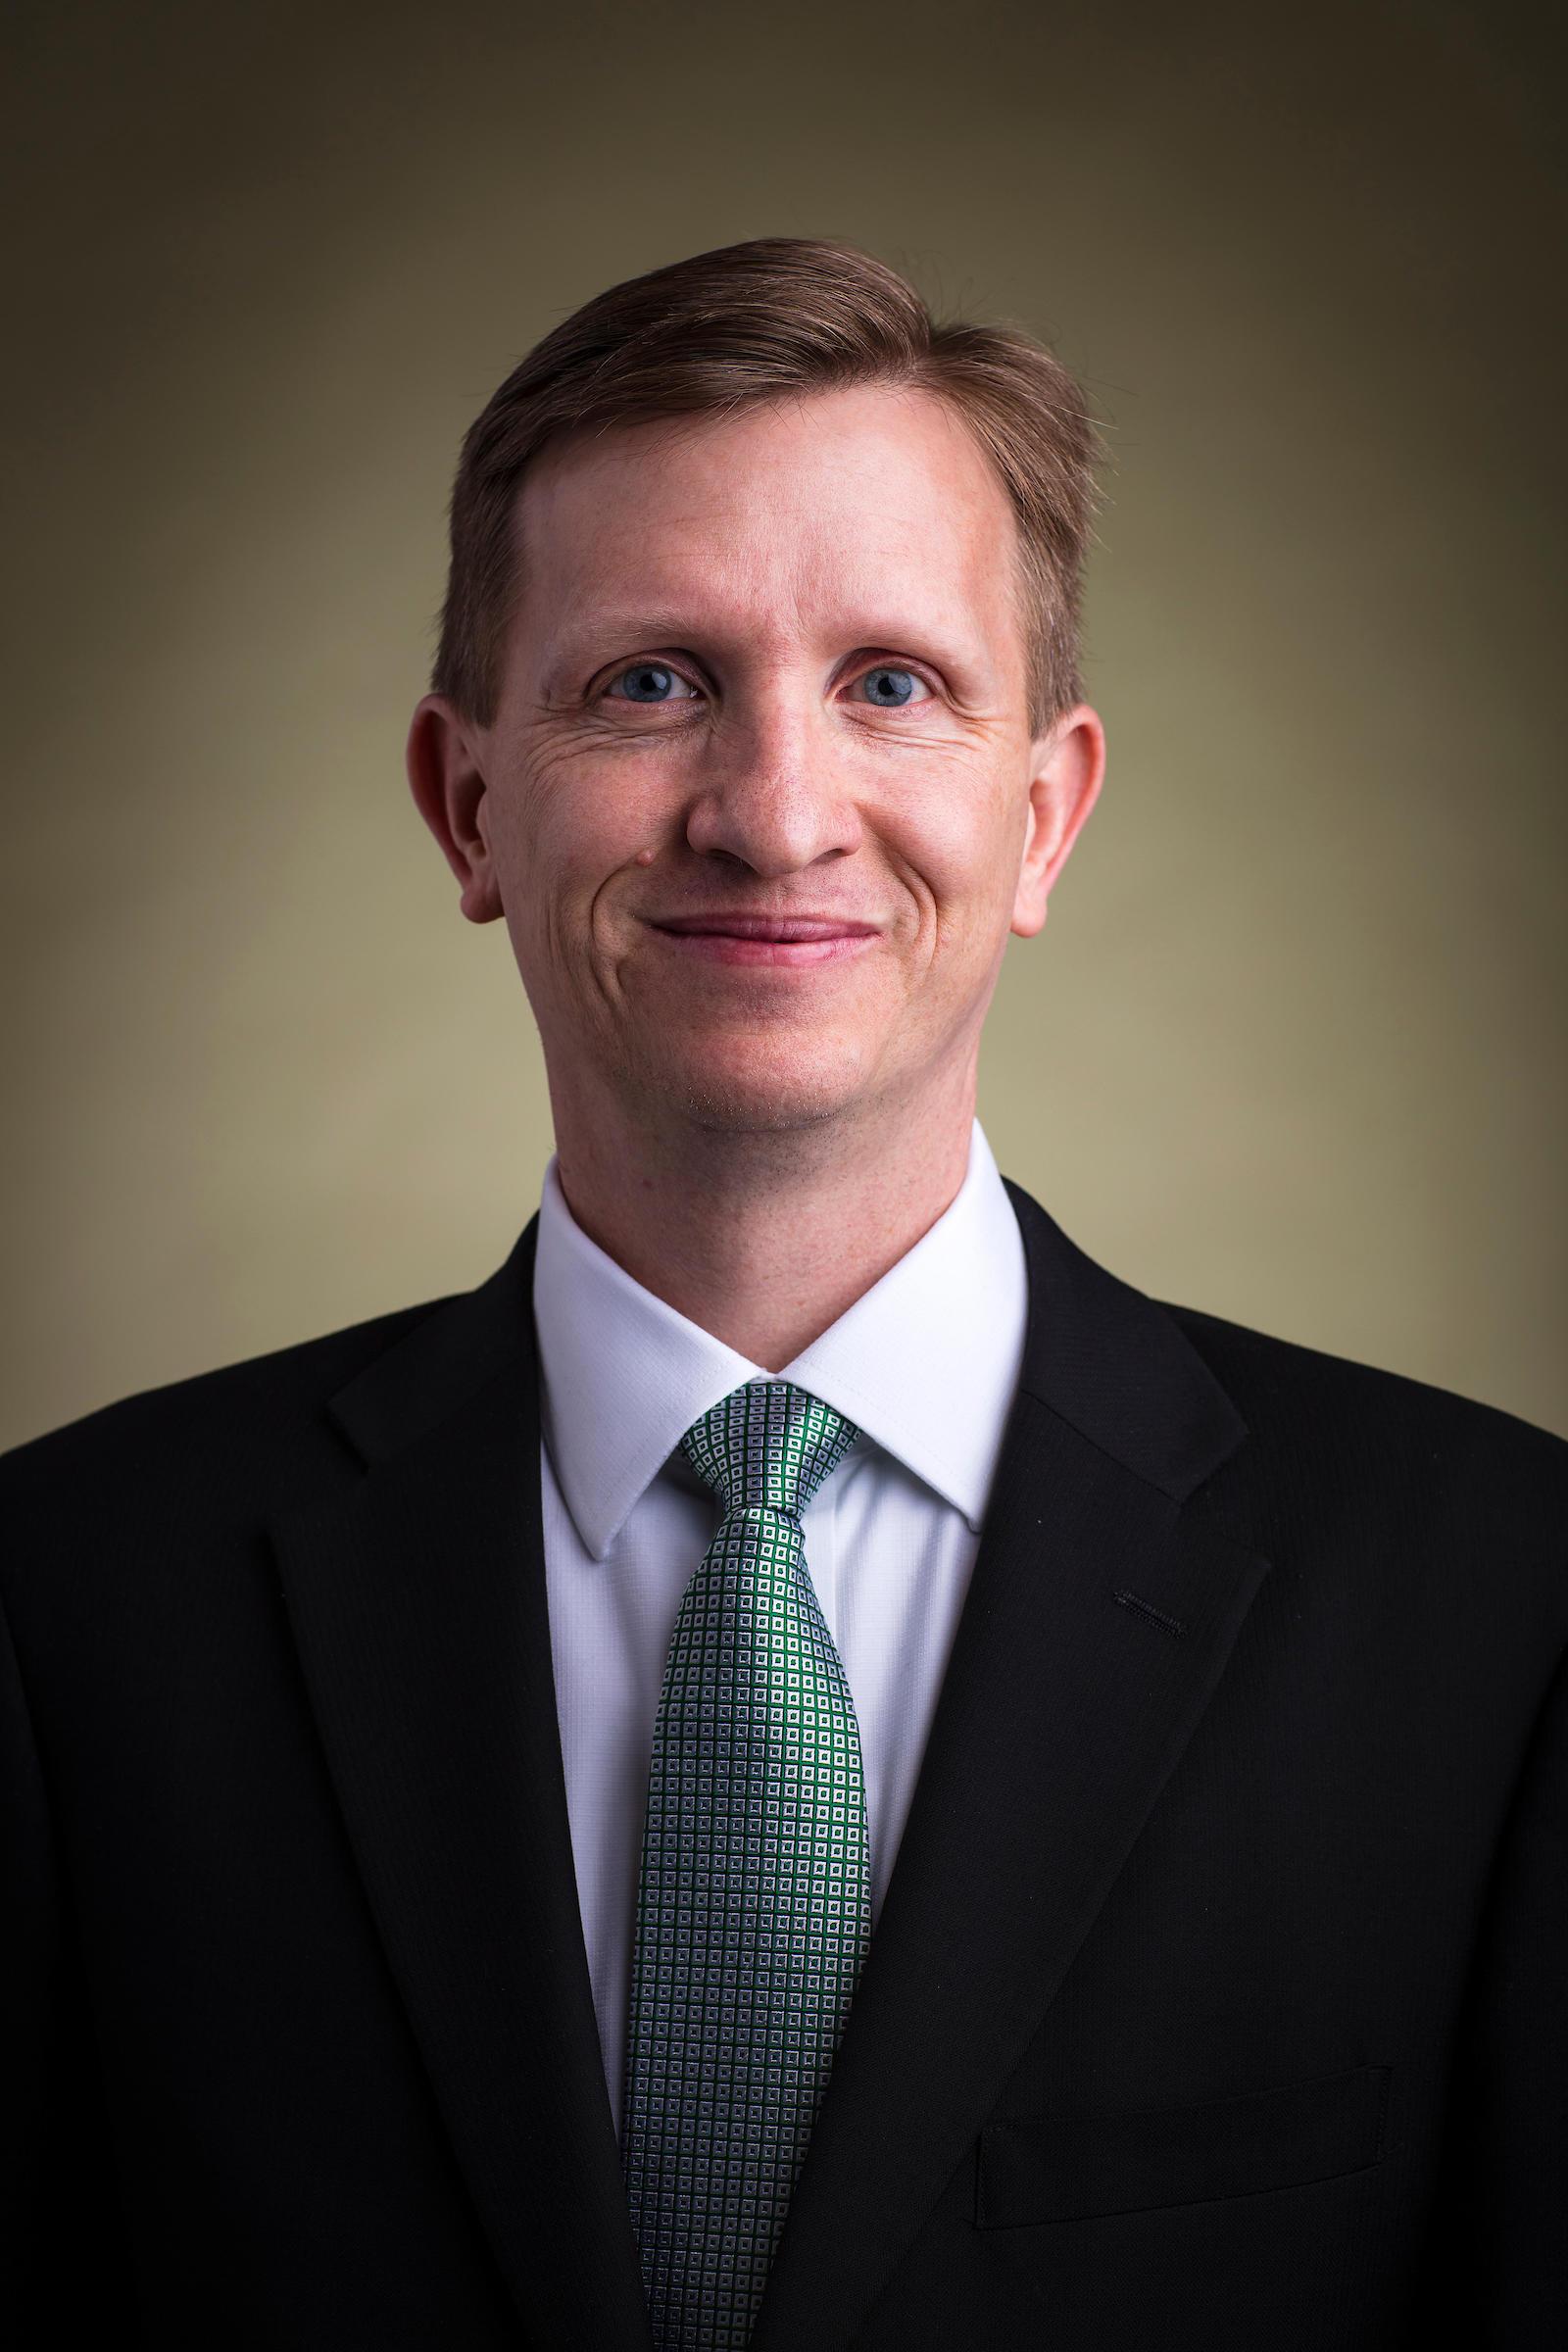 テンプル大学ジャパンキャンパス新学長就任 マシュー・ウィルソン、再び「故郷」へ